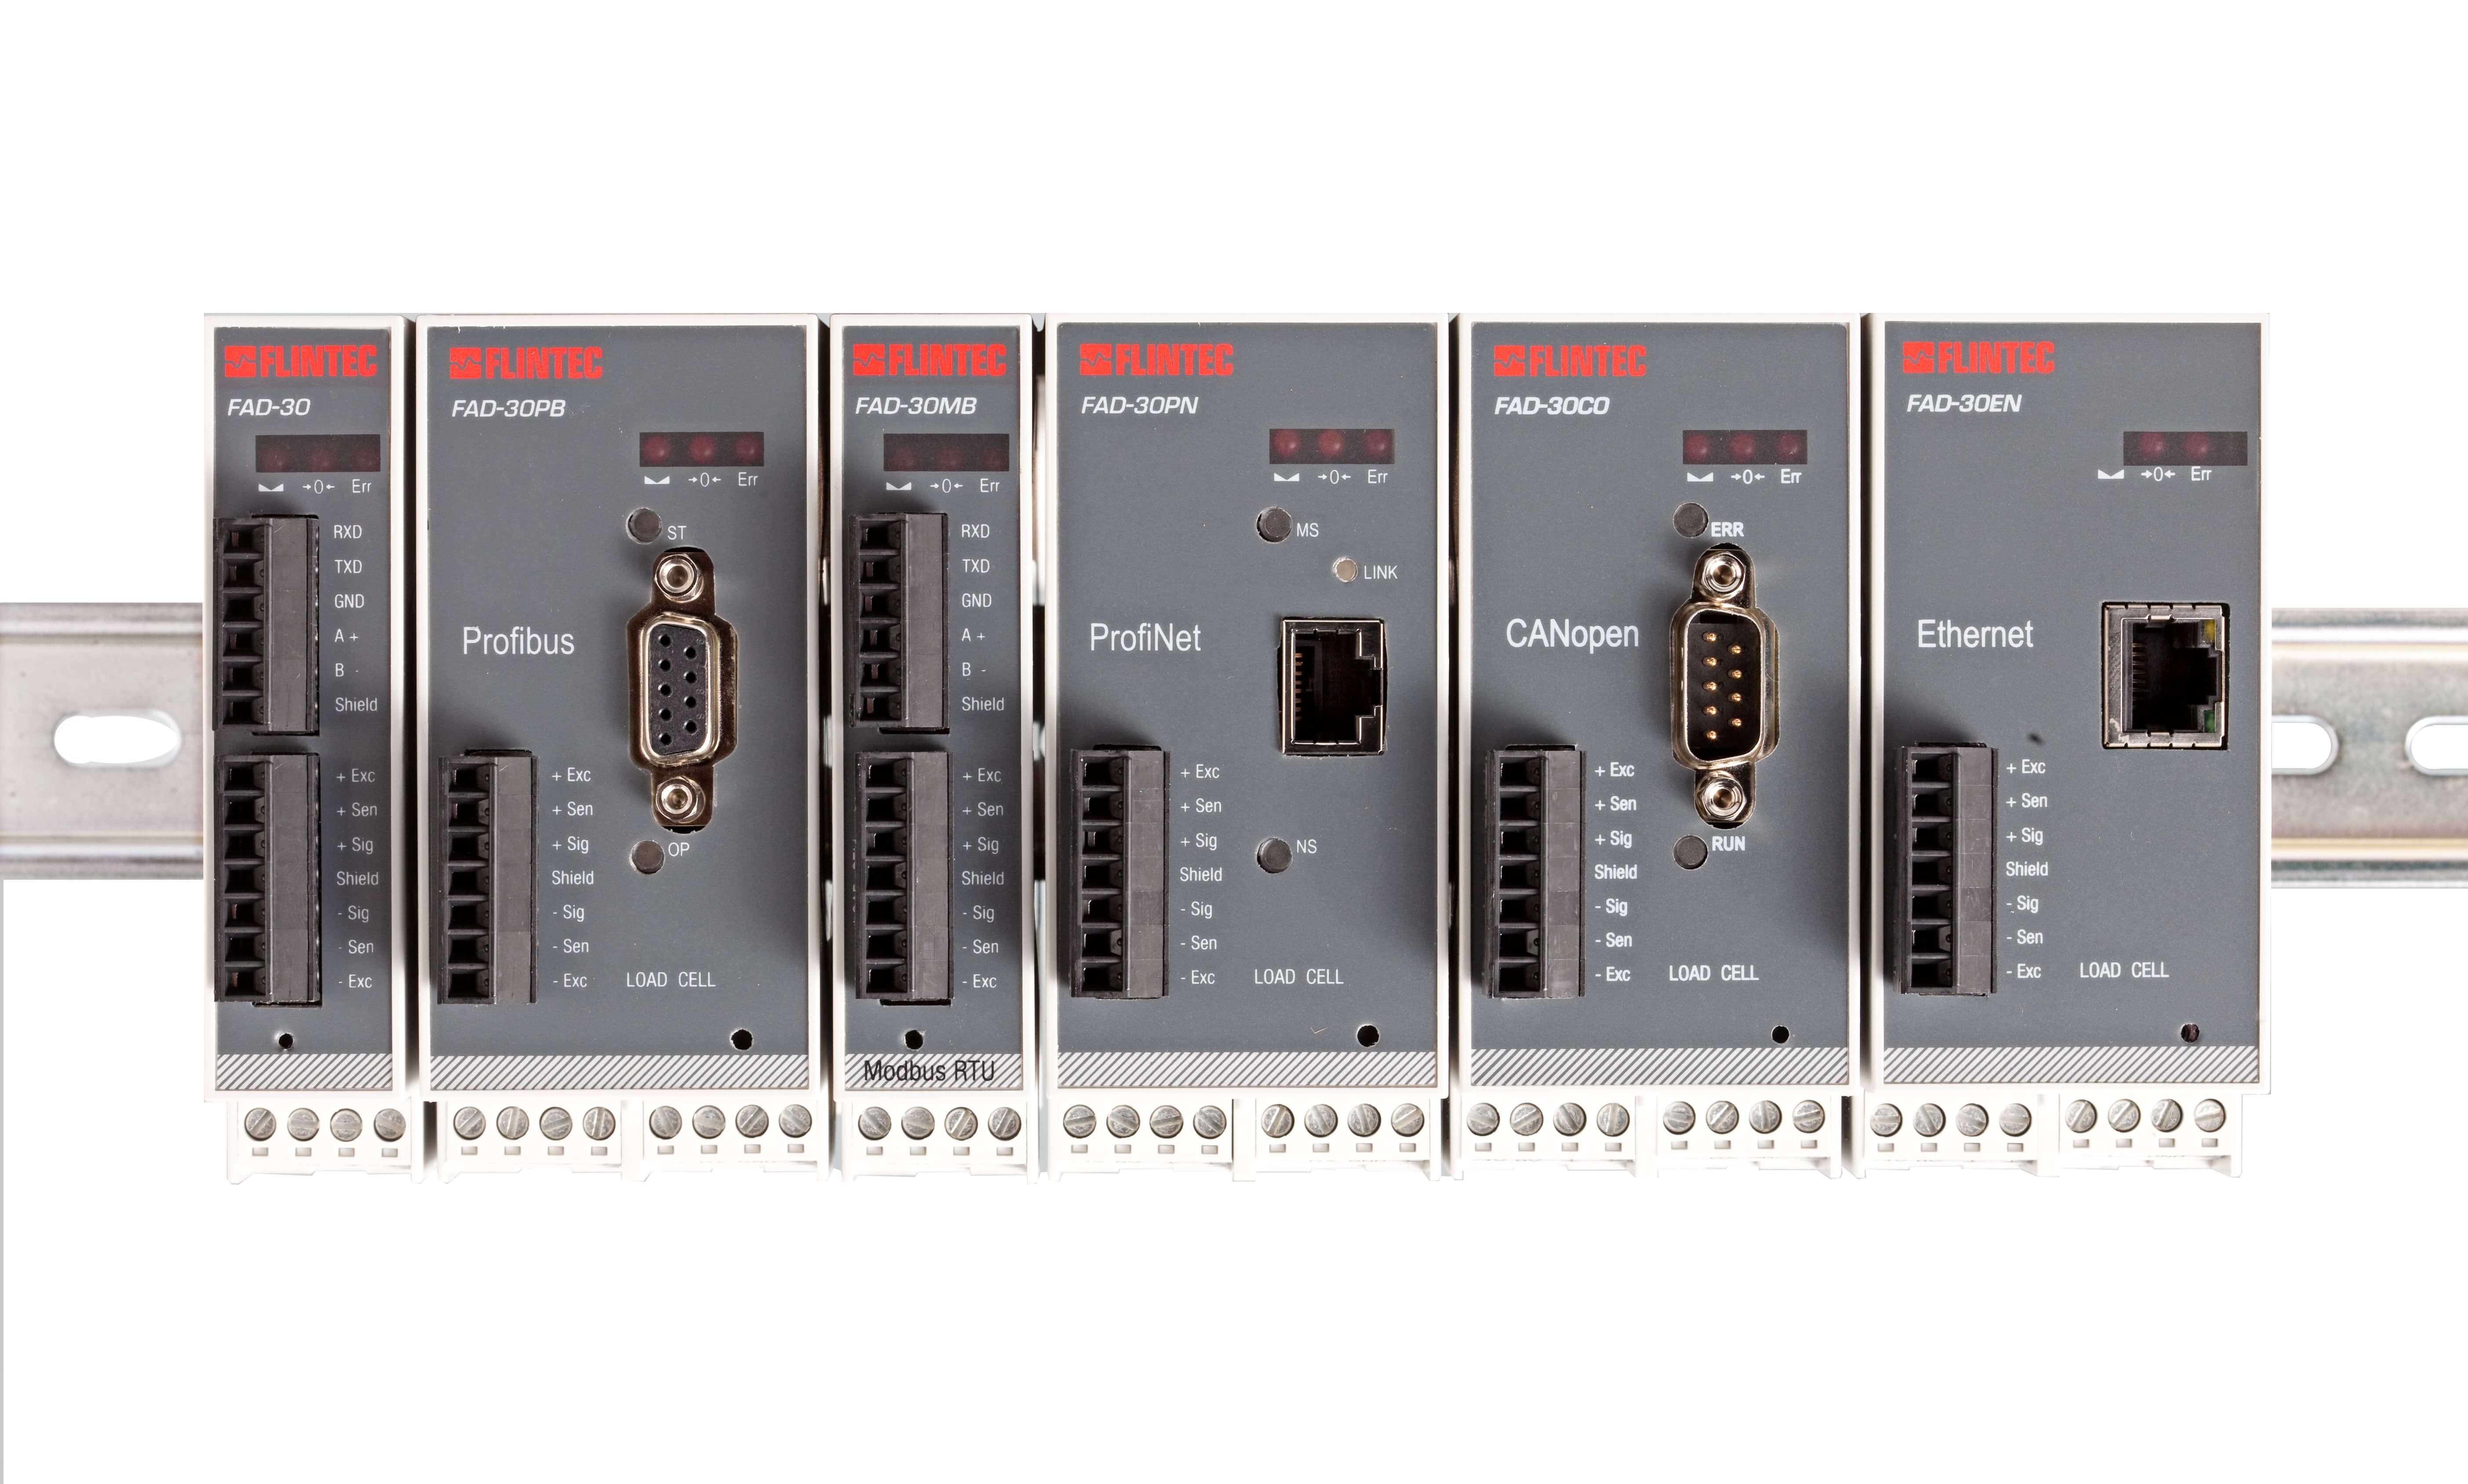 FAD-30 A/D Converter Series Image